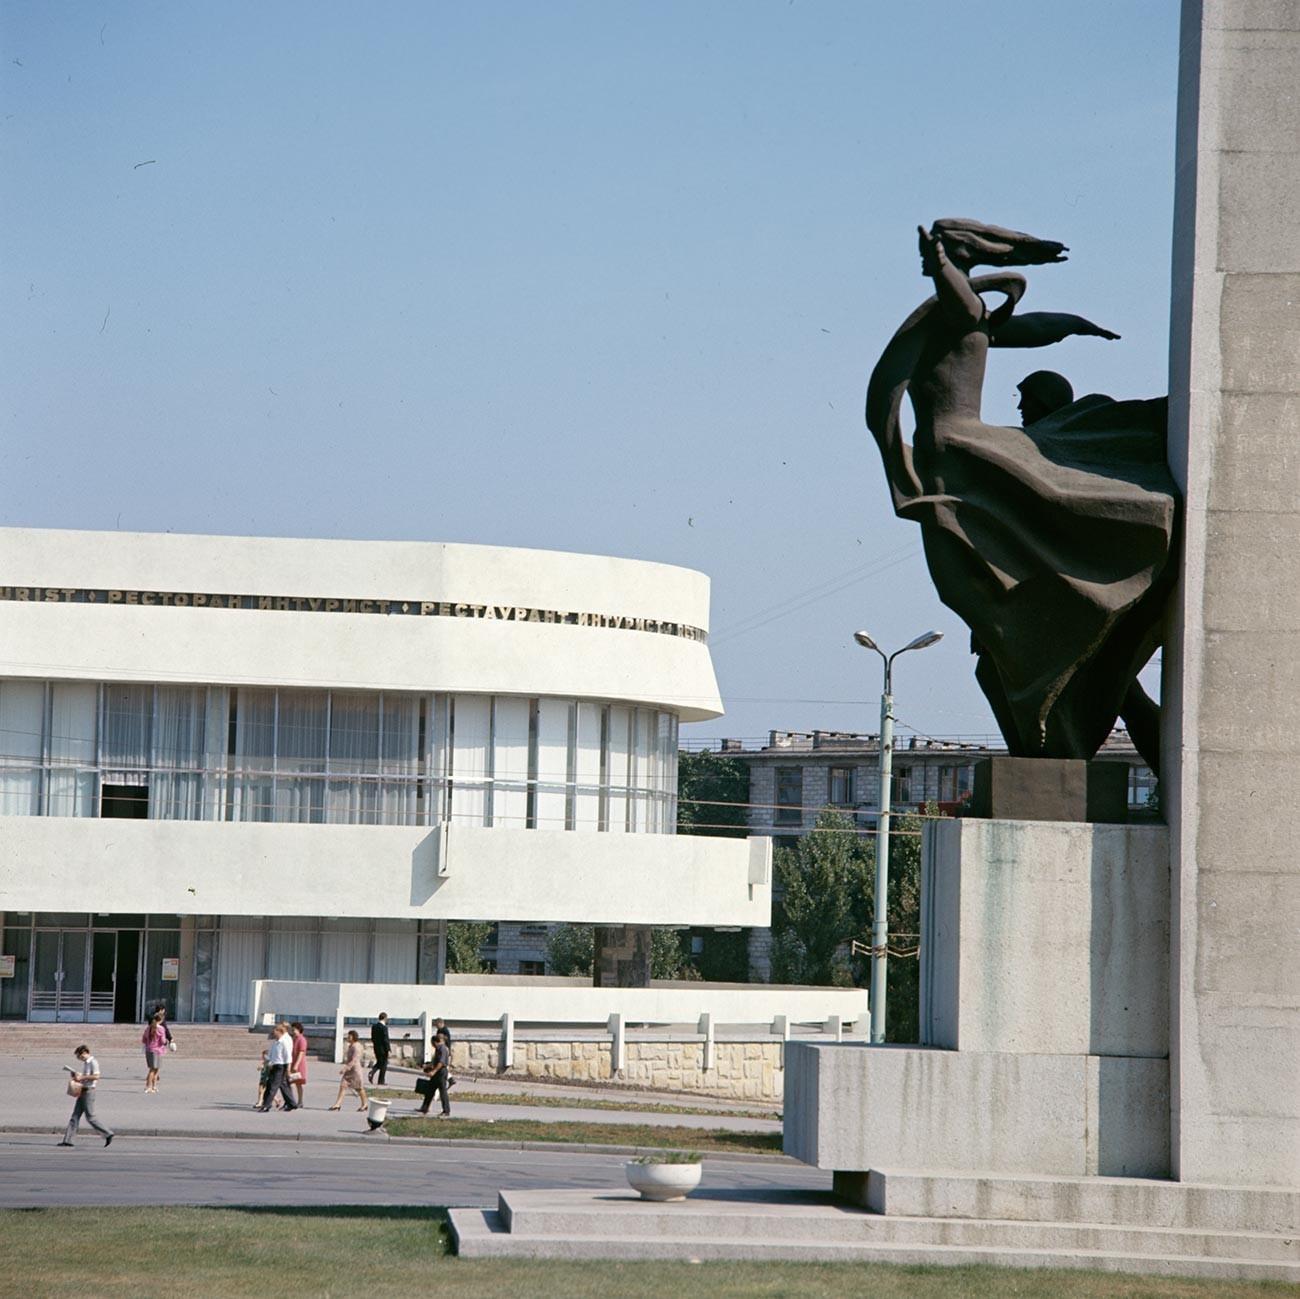 Spomenik osvoboditeljem Kišinjeva izpod nacističnih sil, 1974